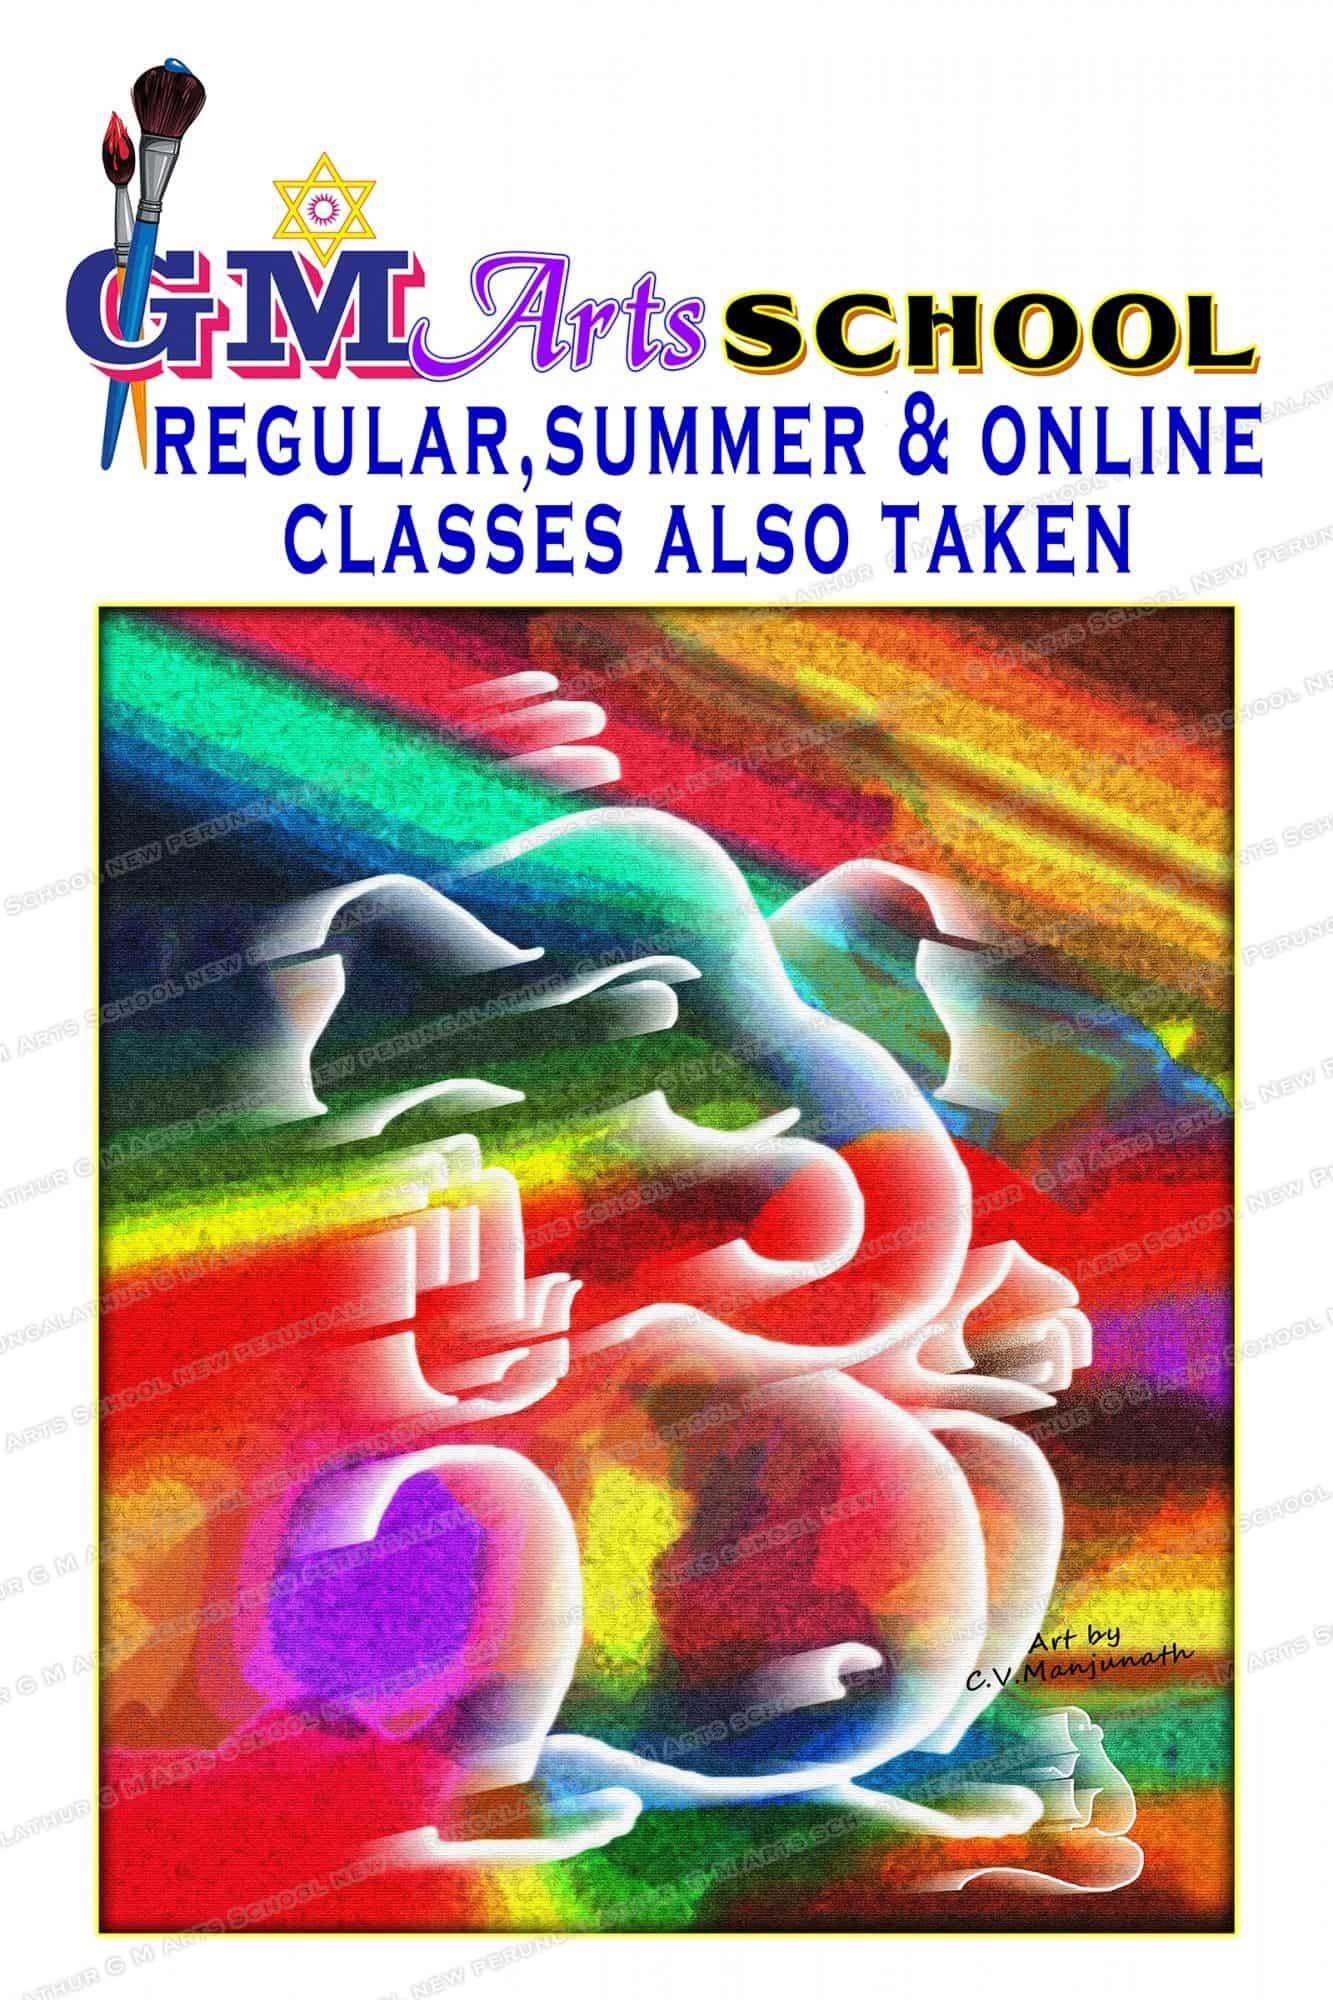 gm arts school photos perungalathur chennai pictures images